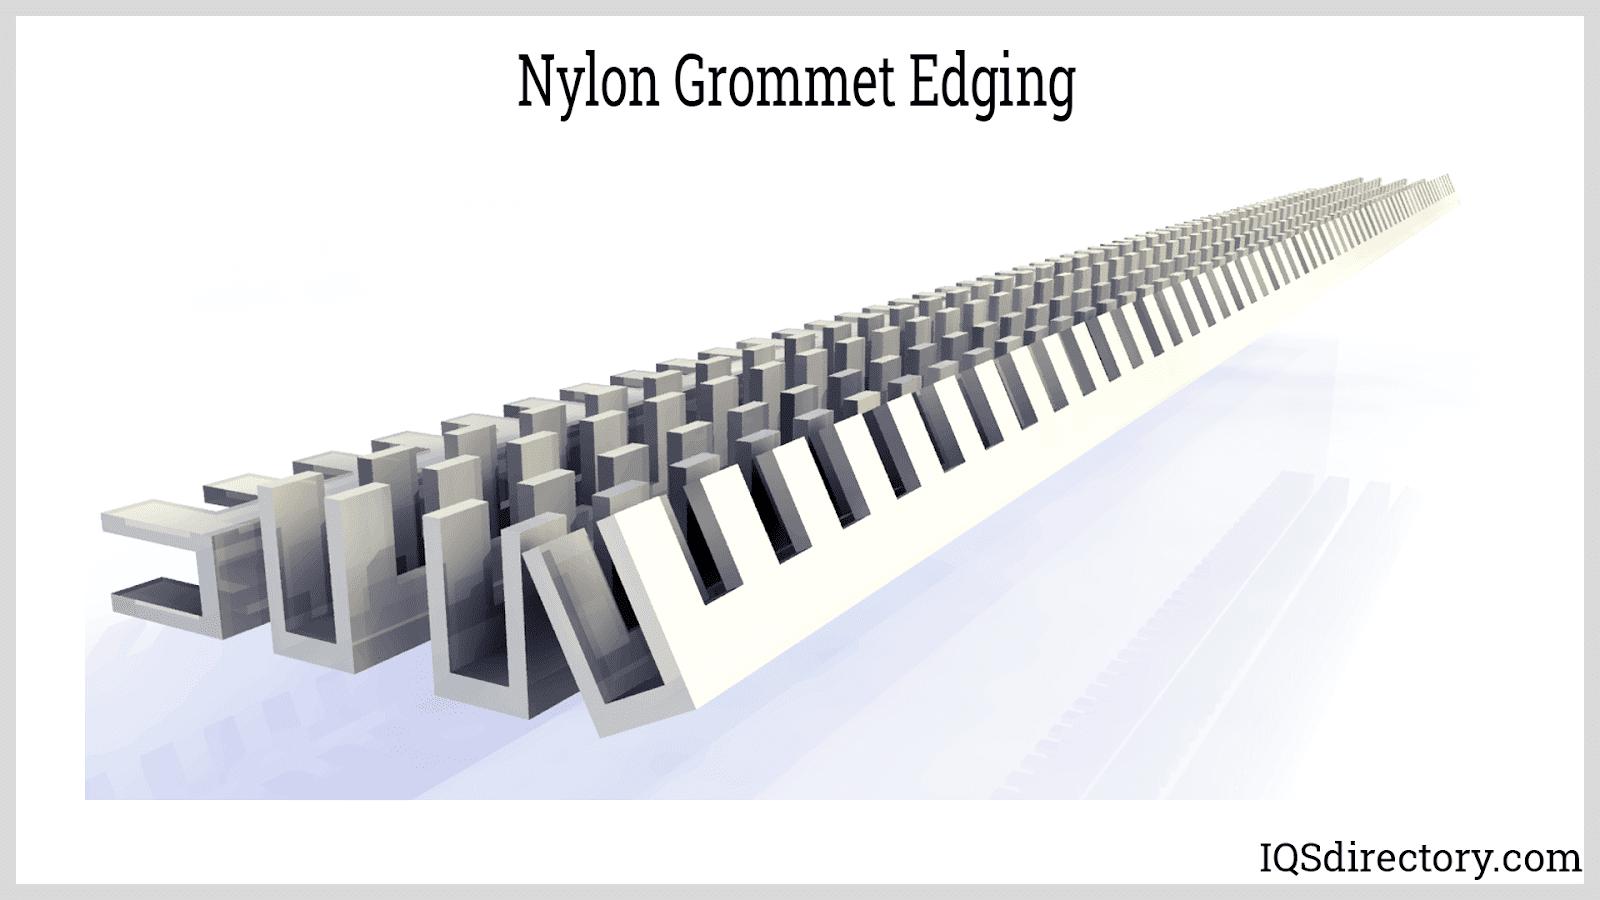 Nylon Grommet Edging